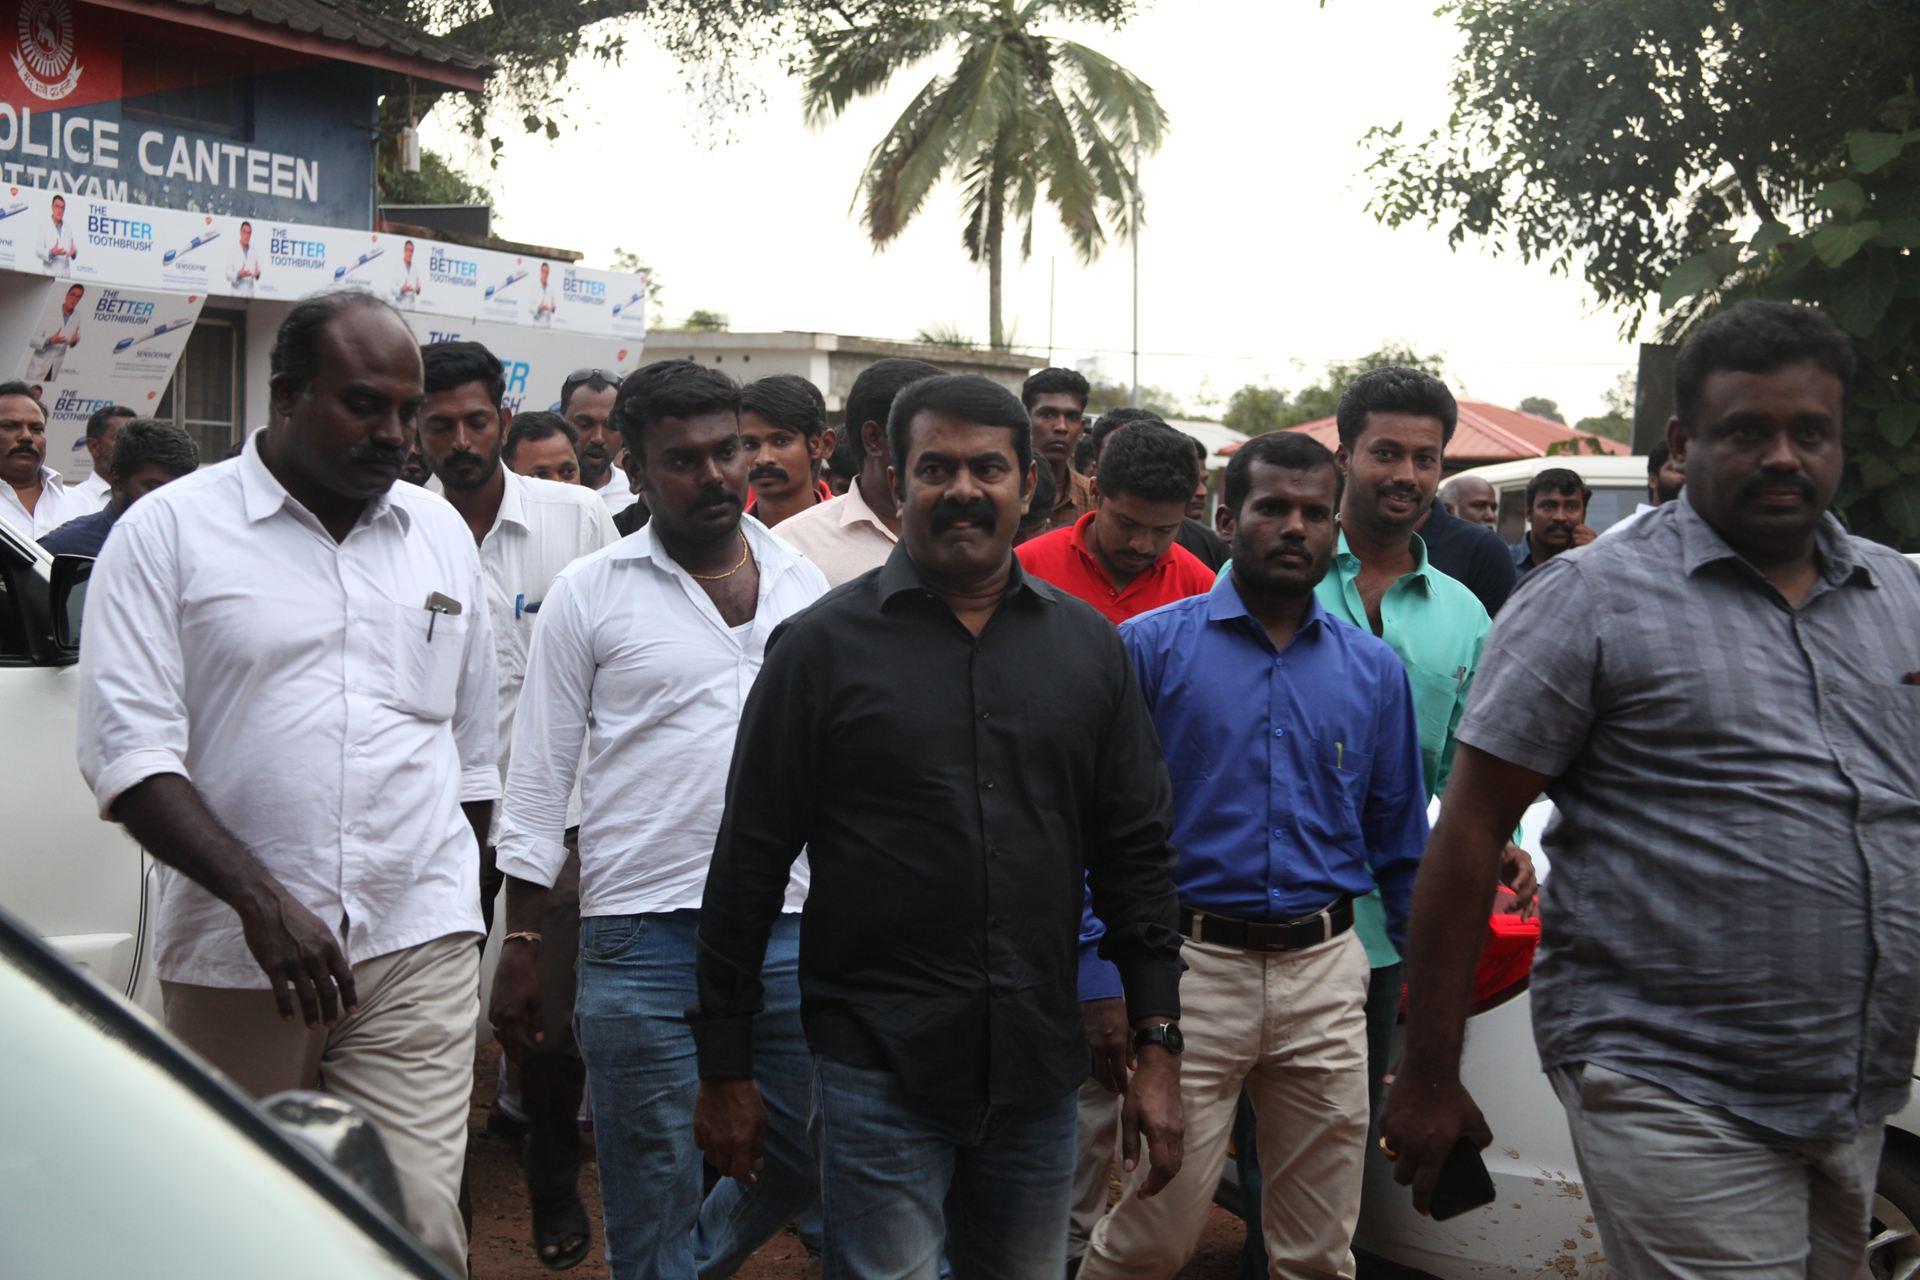 வெள்ள நிவாரணப் பொருட்களை வழங்கச் சென்ற சீமானிடம் கேரள காவல்துறையினர் விசாரணை naam tamilar katchi seeman visits kerala flood affected area flood relief campaign kottayam sanganasery camp 1